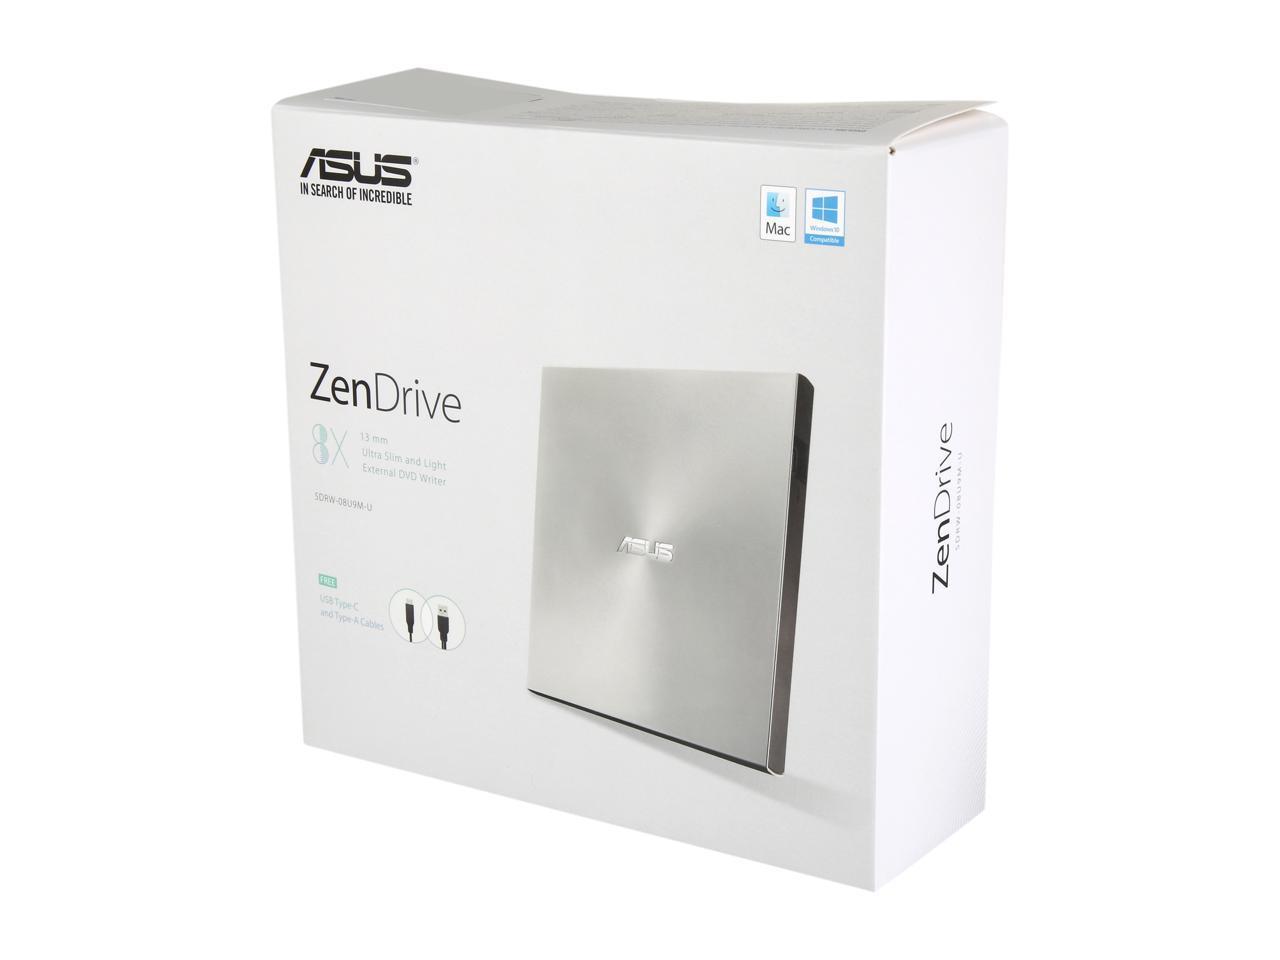 ASUS USB 2.0 External CD/DVD Drive Model SDRW-08U9M-U/SIL ...